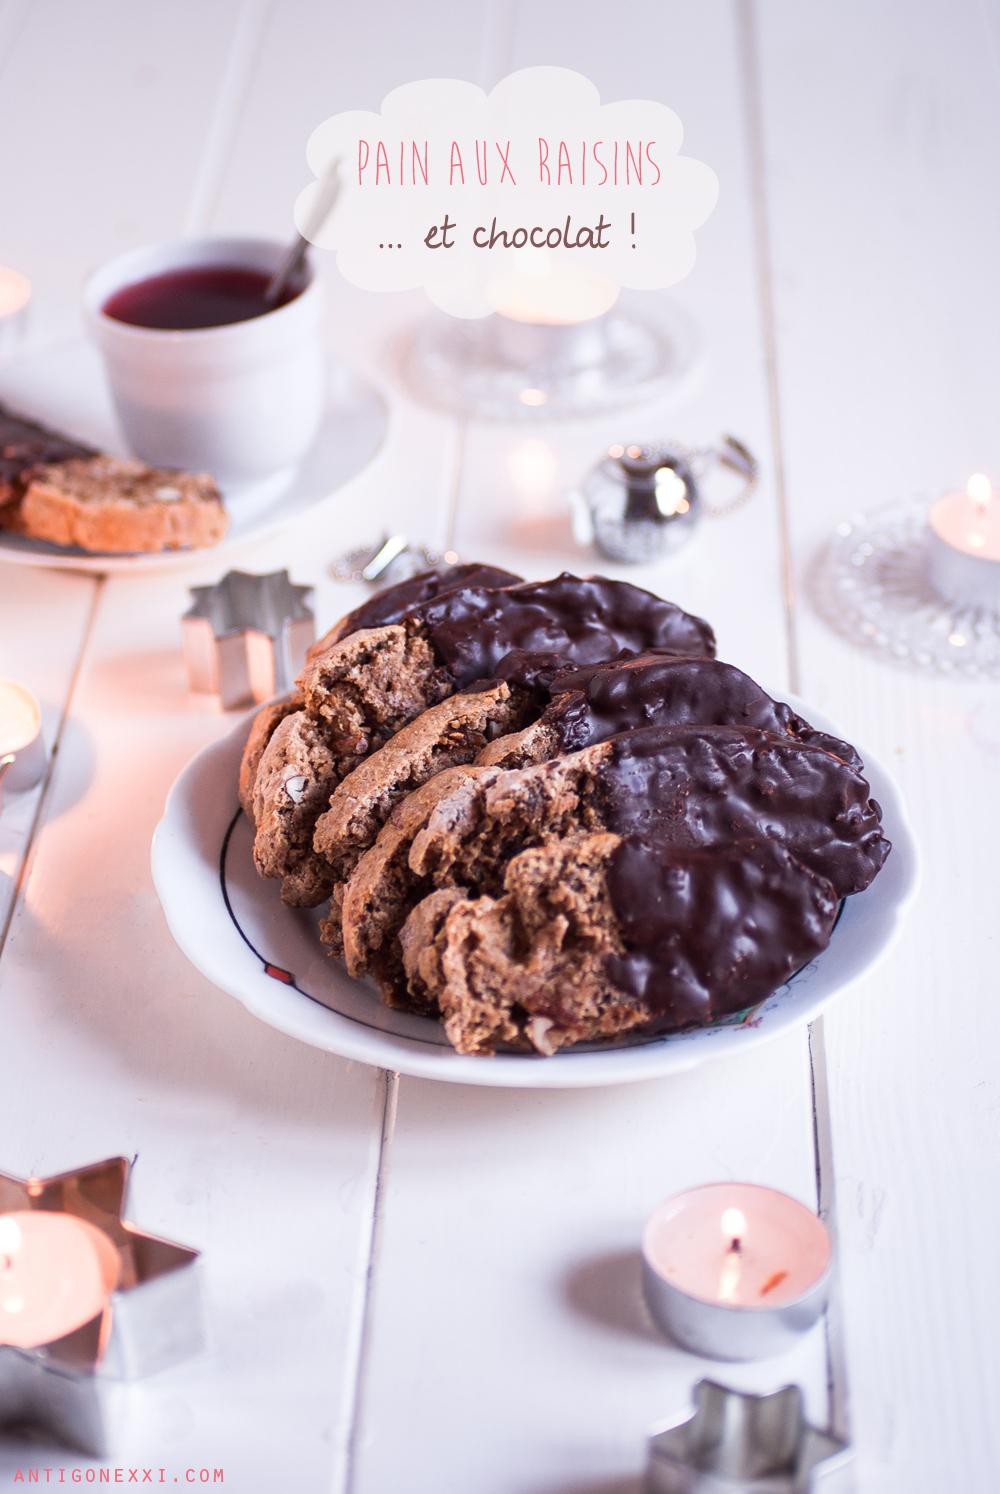 pain de no l aux raisins et au chocolat v gane antigone xxi. Black Bedroom Furniture Sets. Home Design Ideas